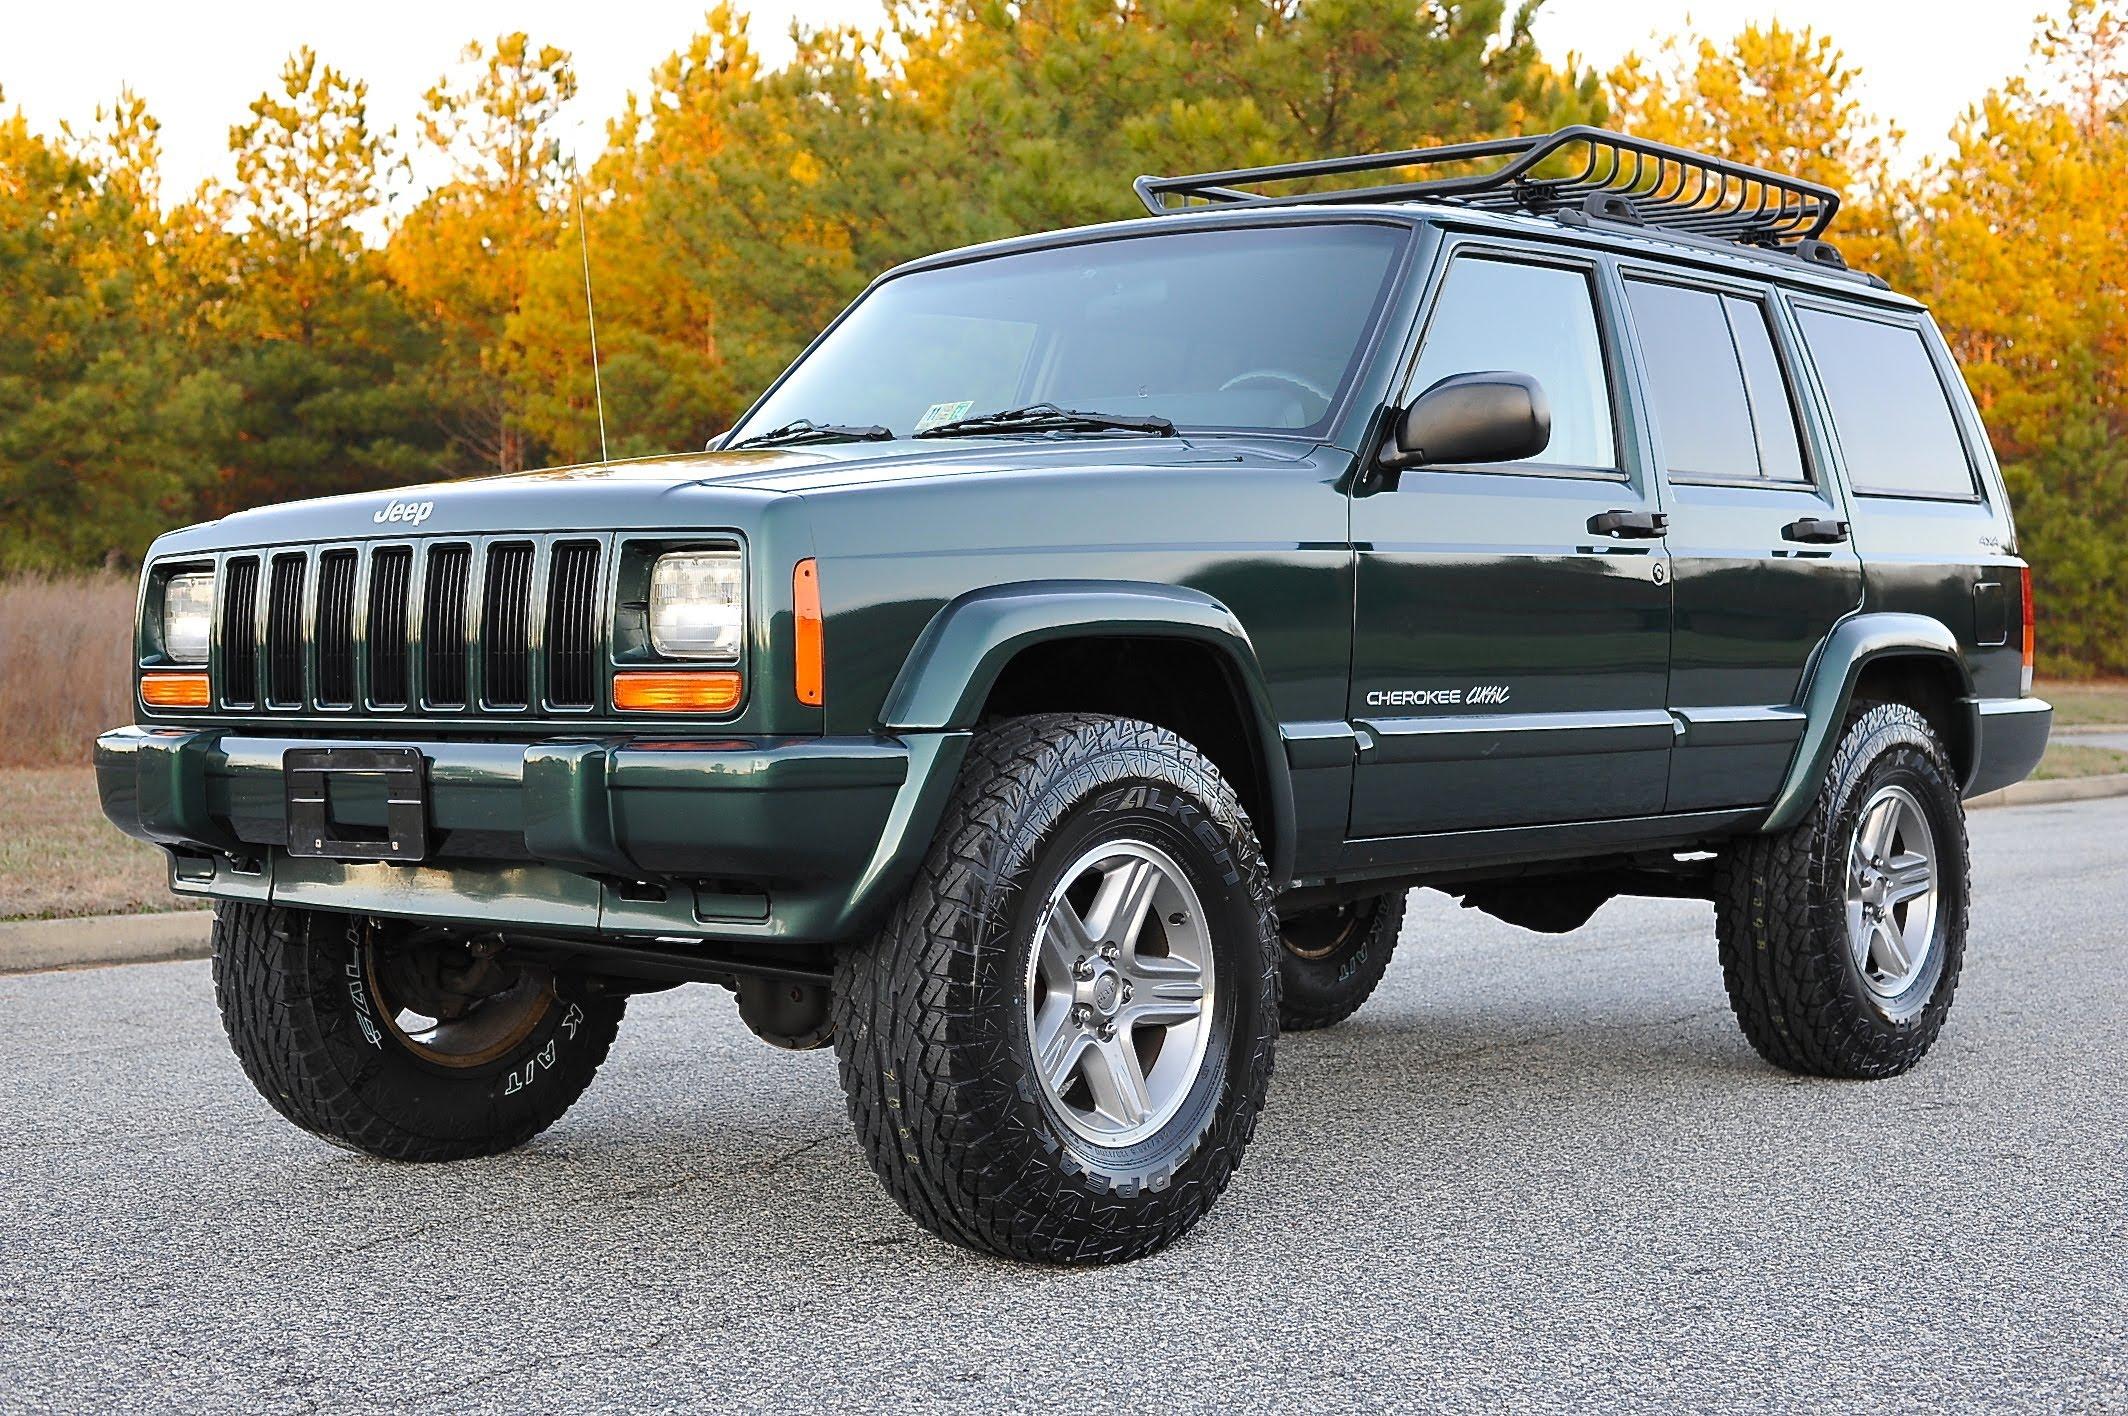 Badass Trucks & Cool SUVs - cherokee